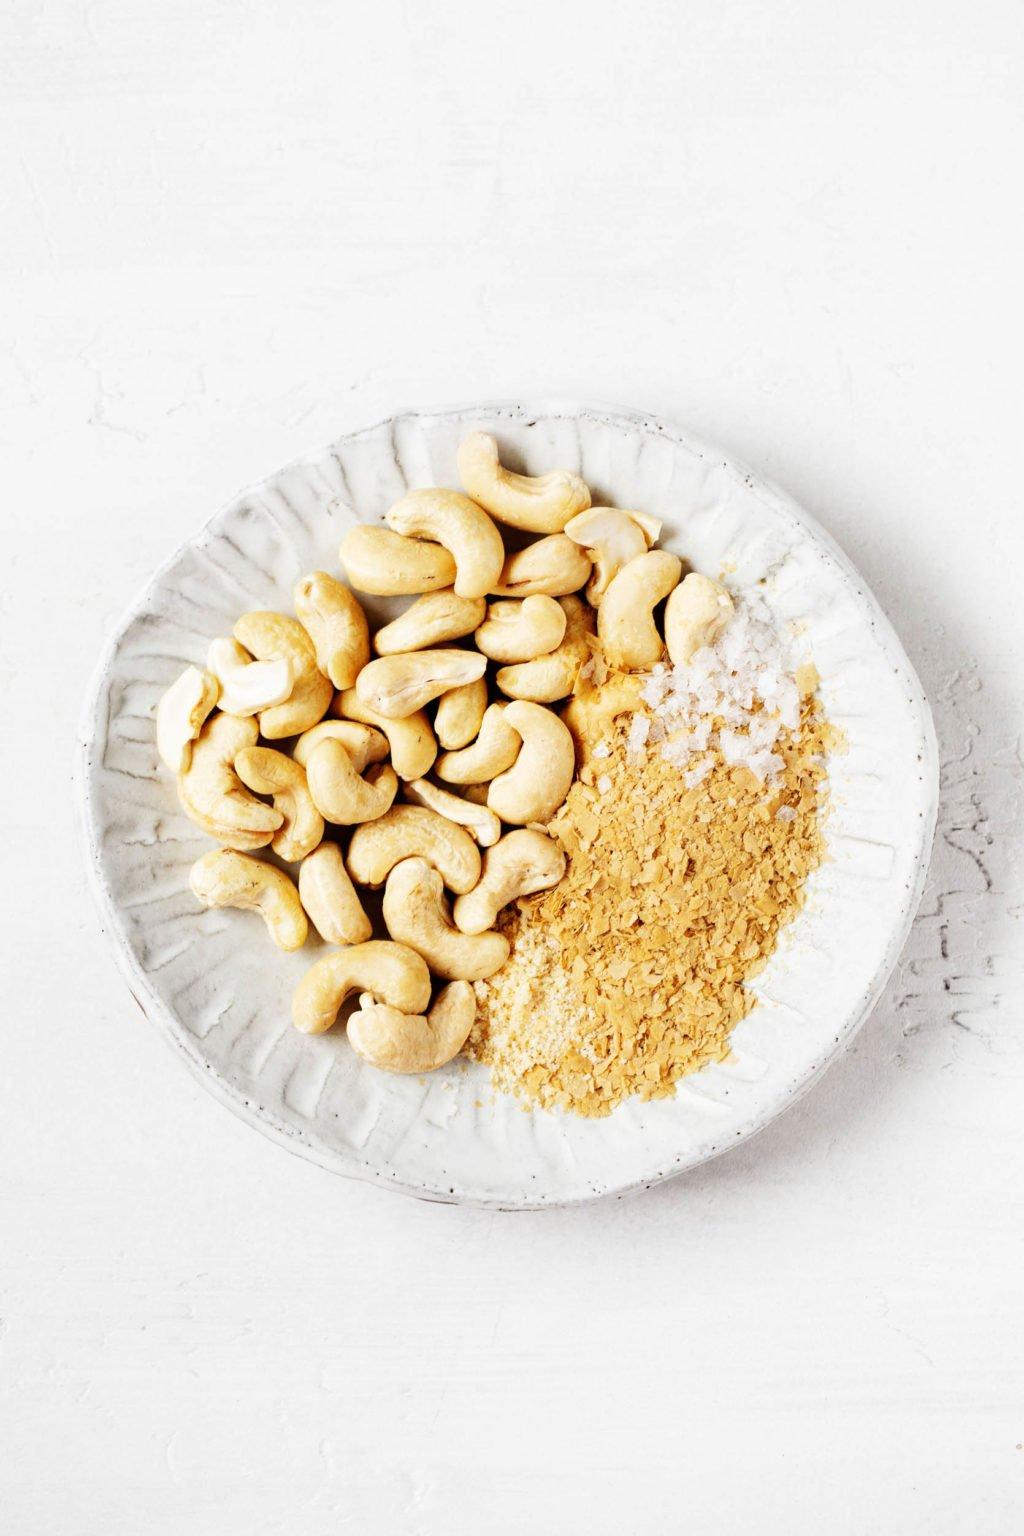 Un pequeño plato de porcelana contiene anacardos crudos y levadura nutricional.